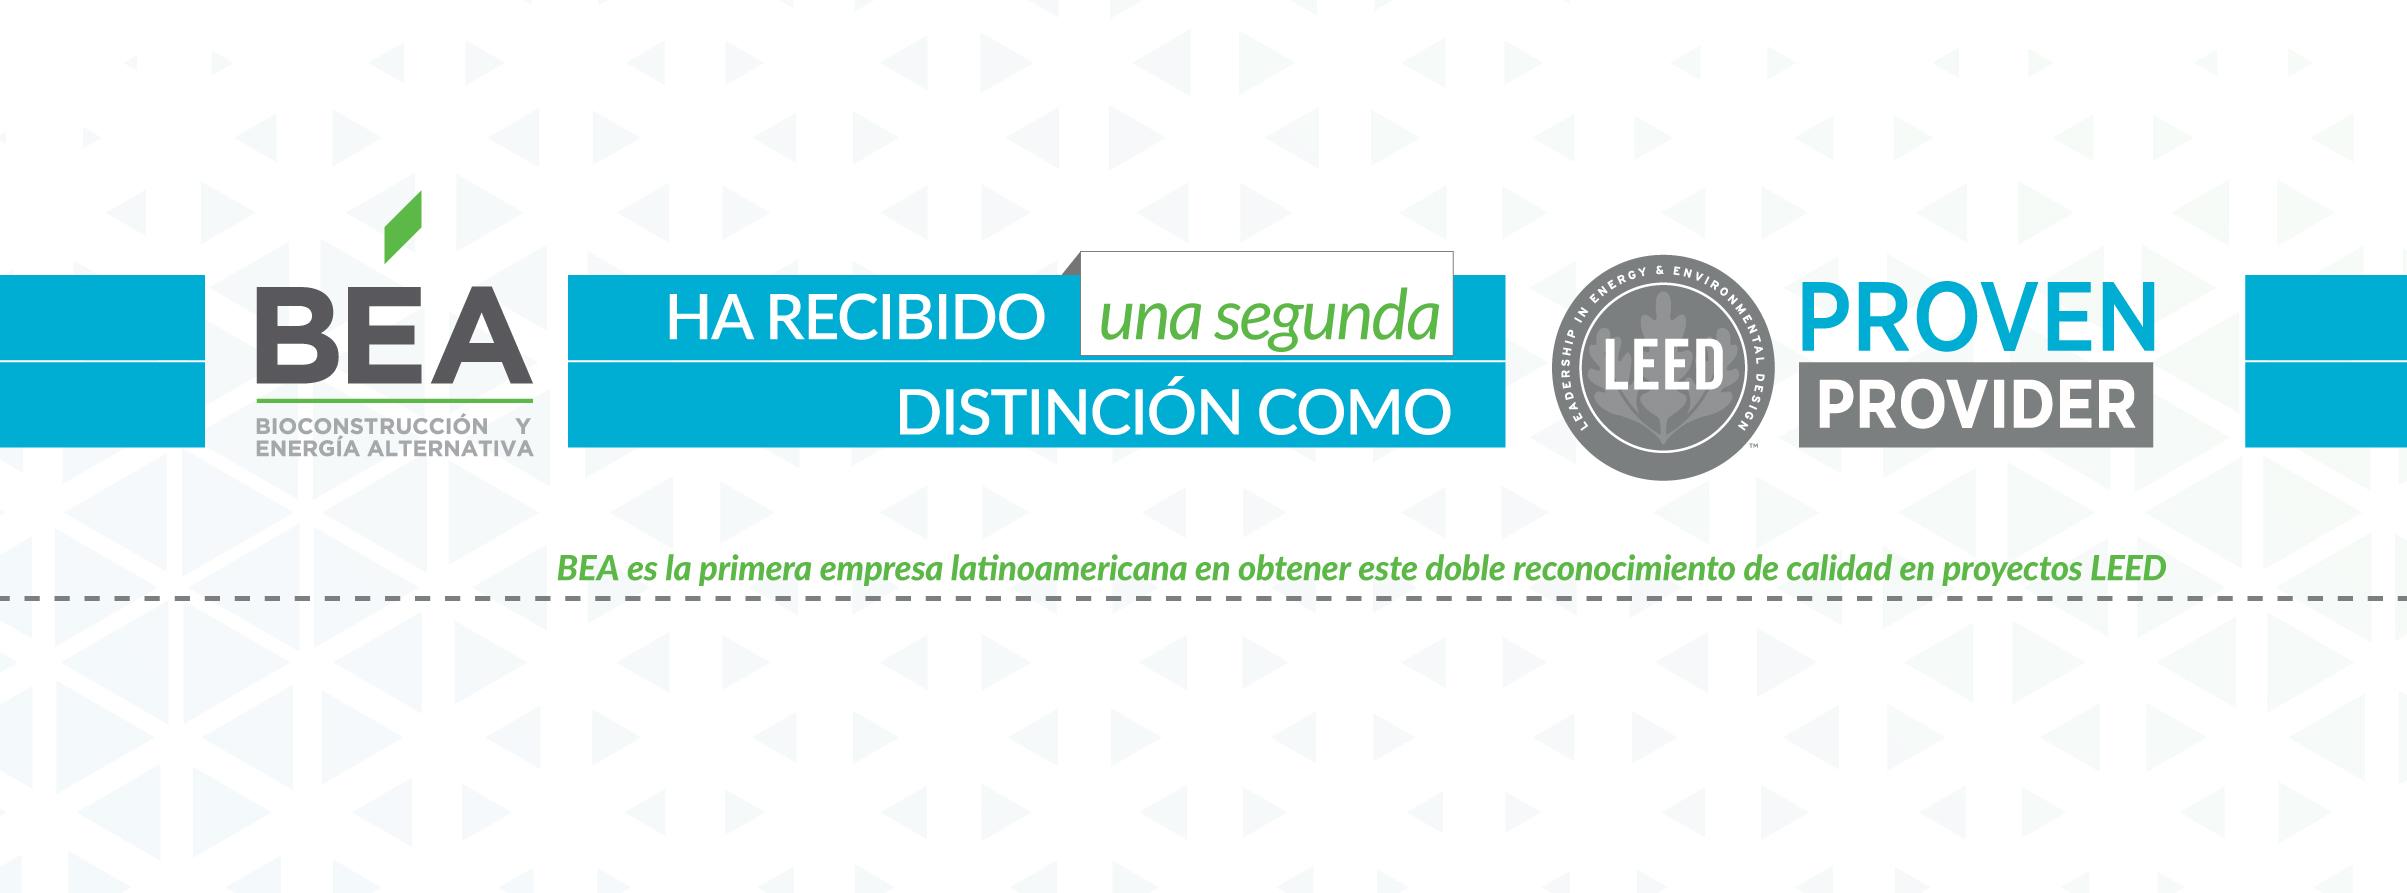 BEA es la primera empresa latinoamericana en obtener este doble reconocimiento de calidad en proyectos LEED